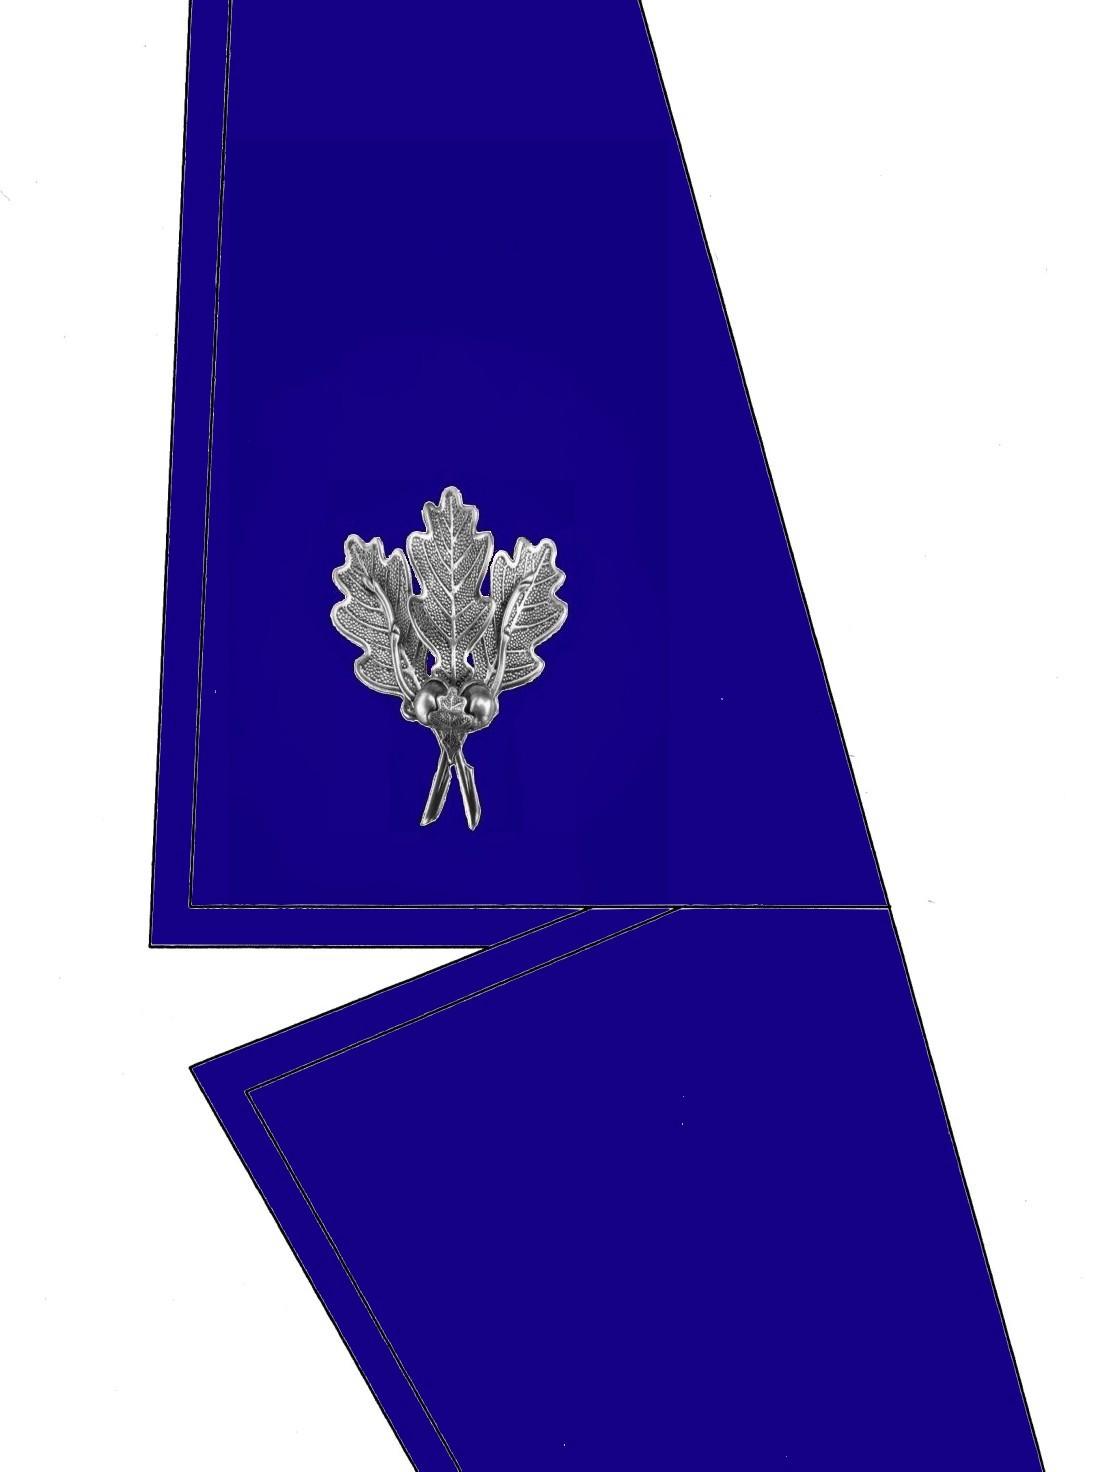 0101-kragen-rangabzeichen-beauftragter-hg-blau